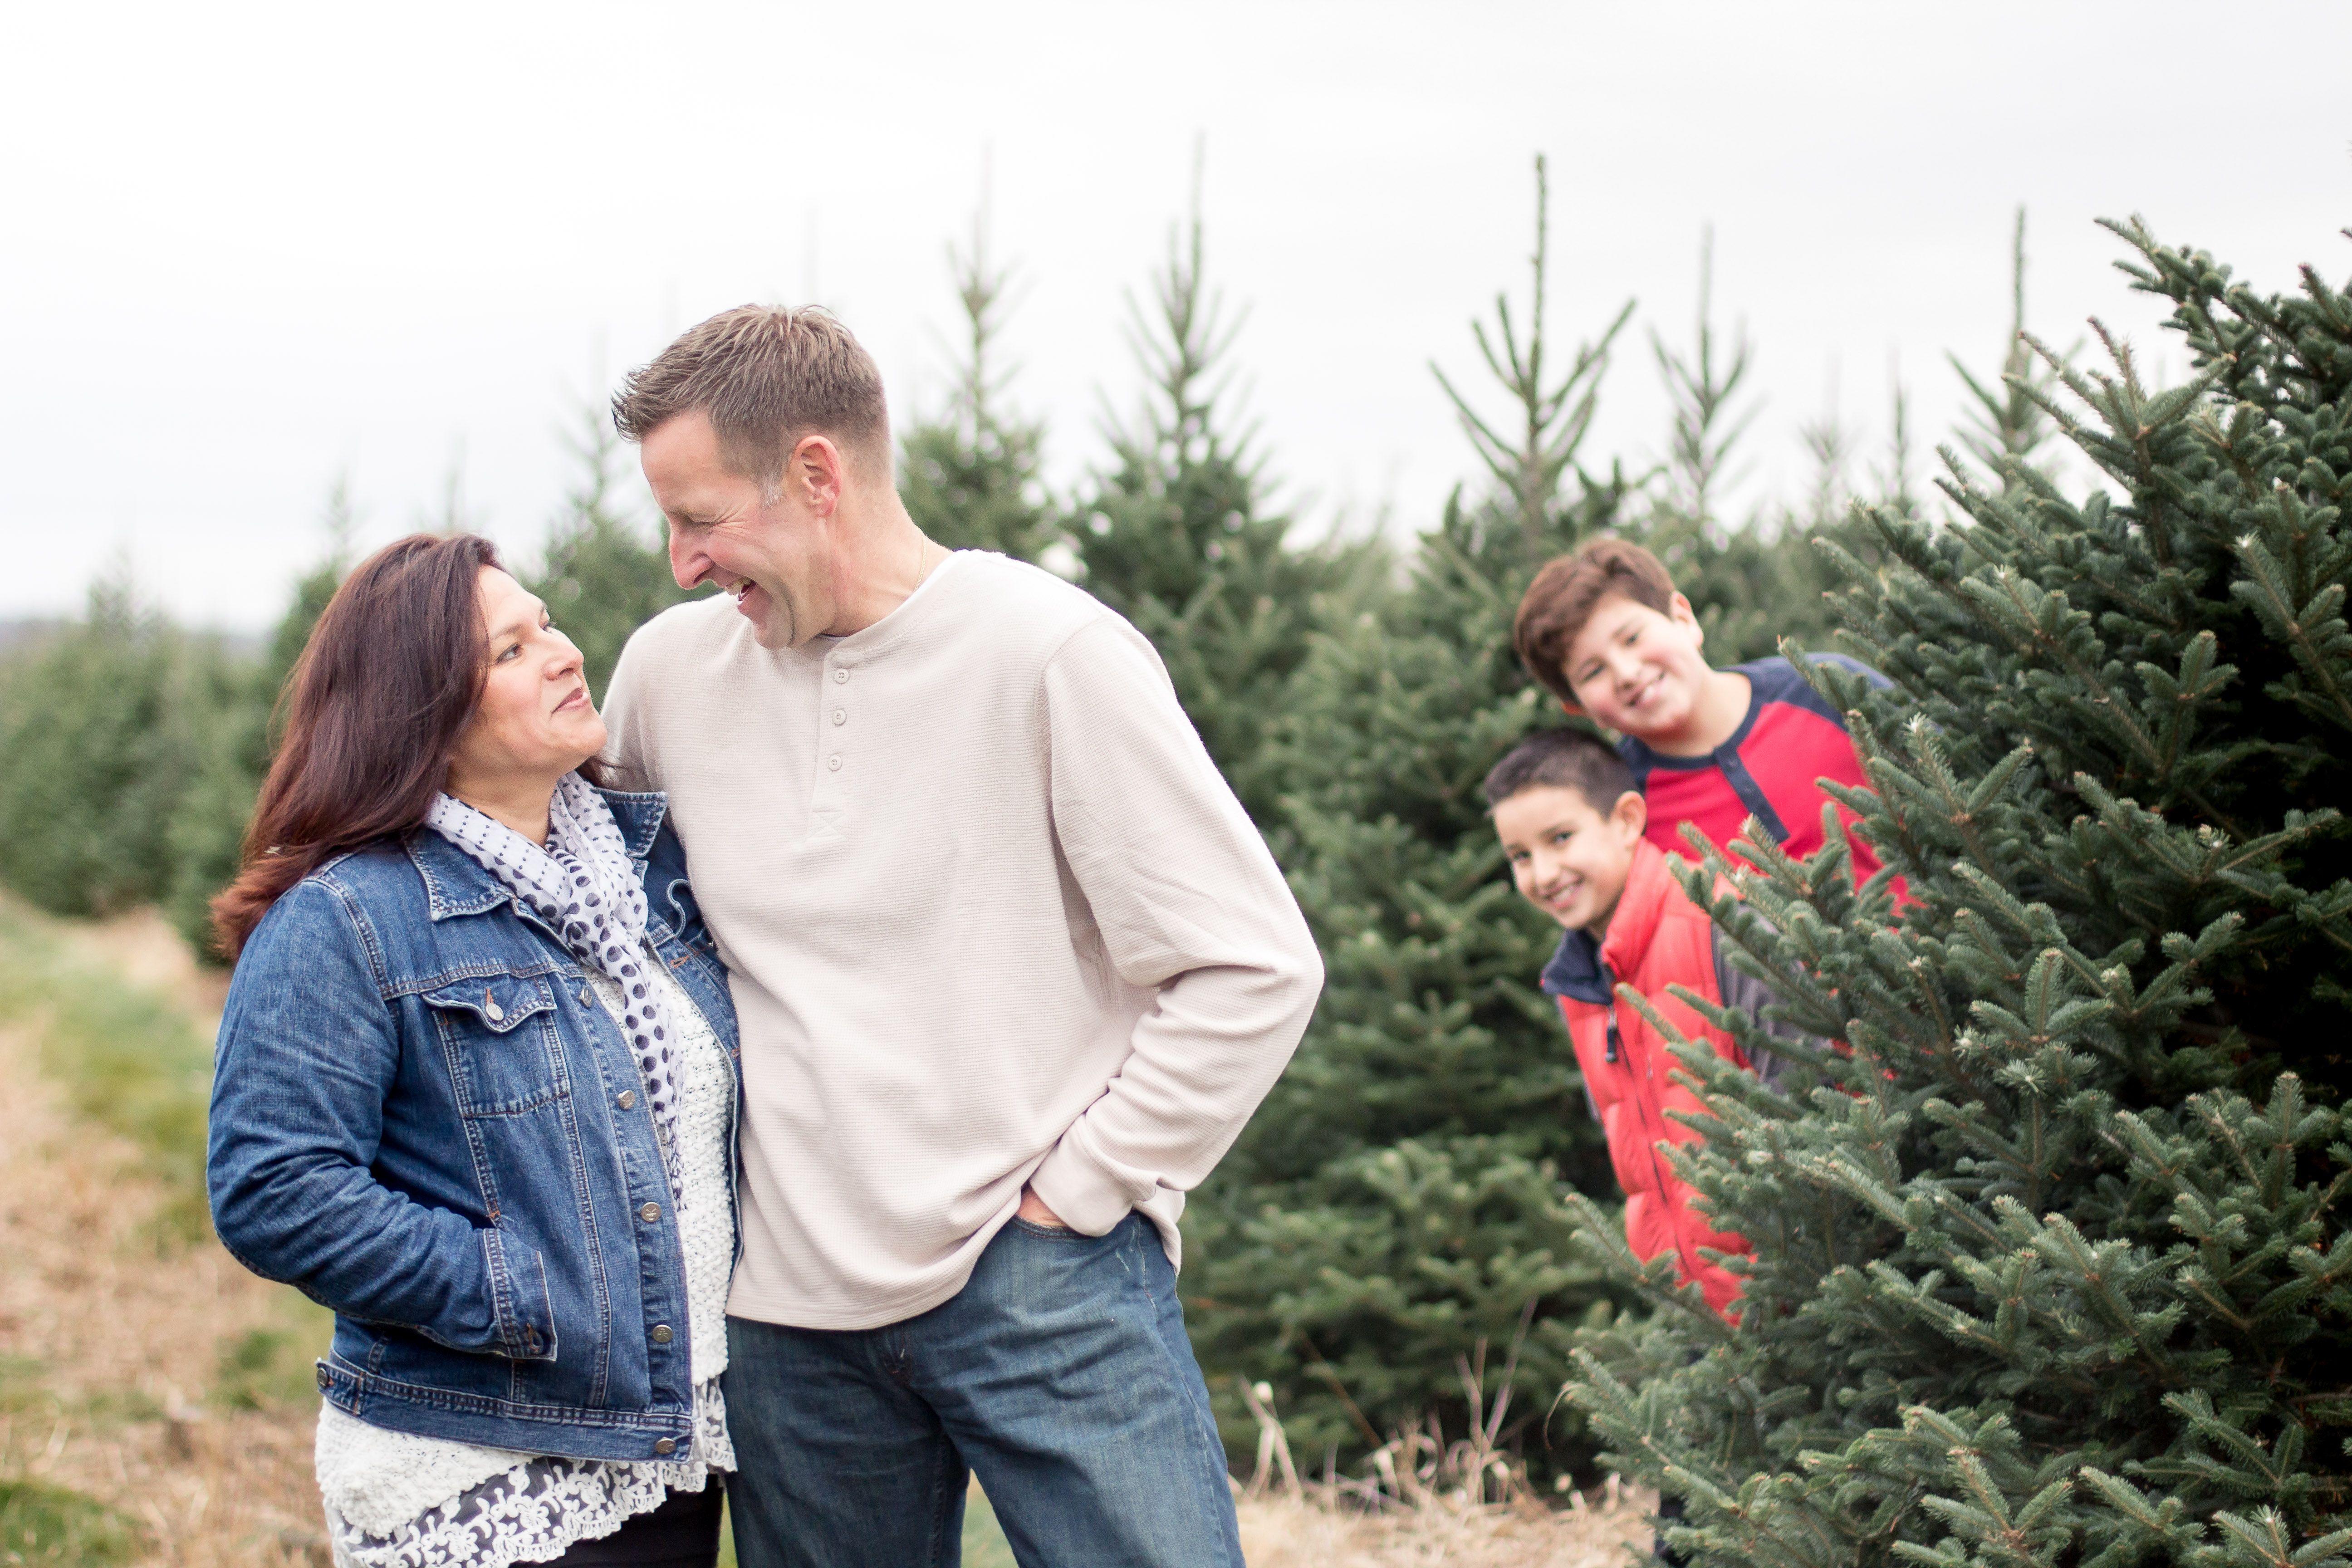 Maly Family, Family Tree Farm